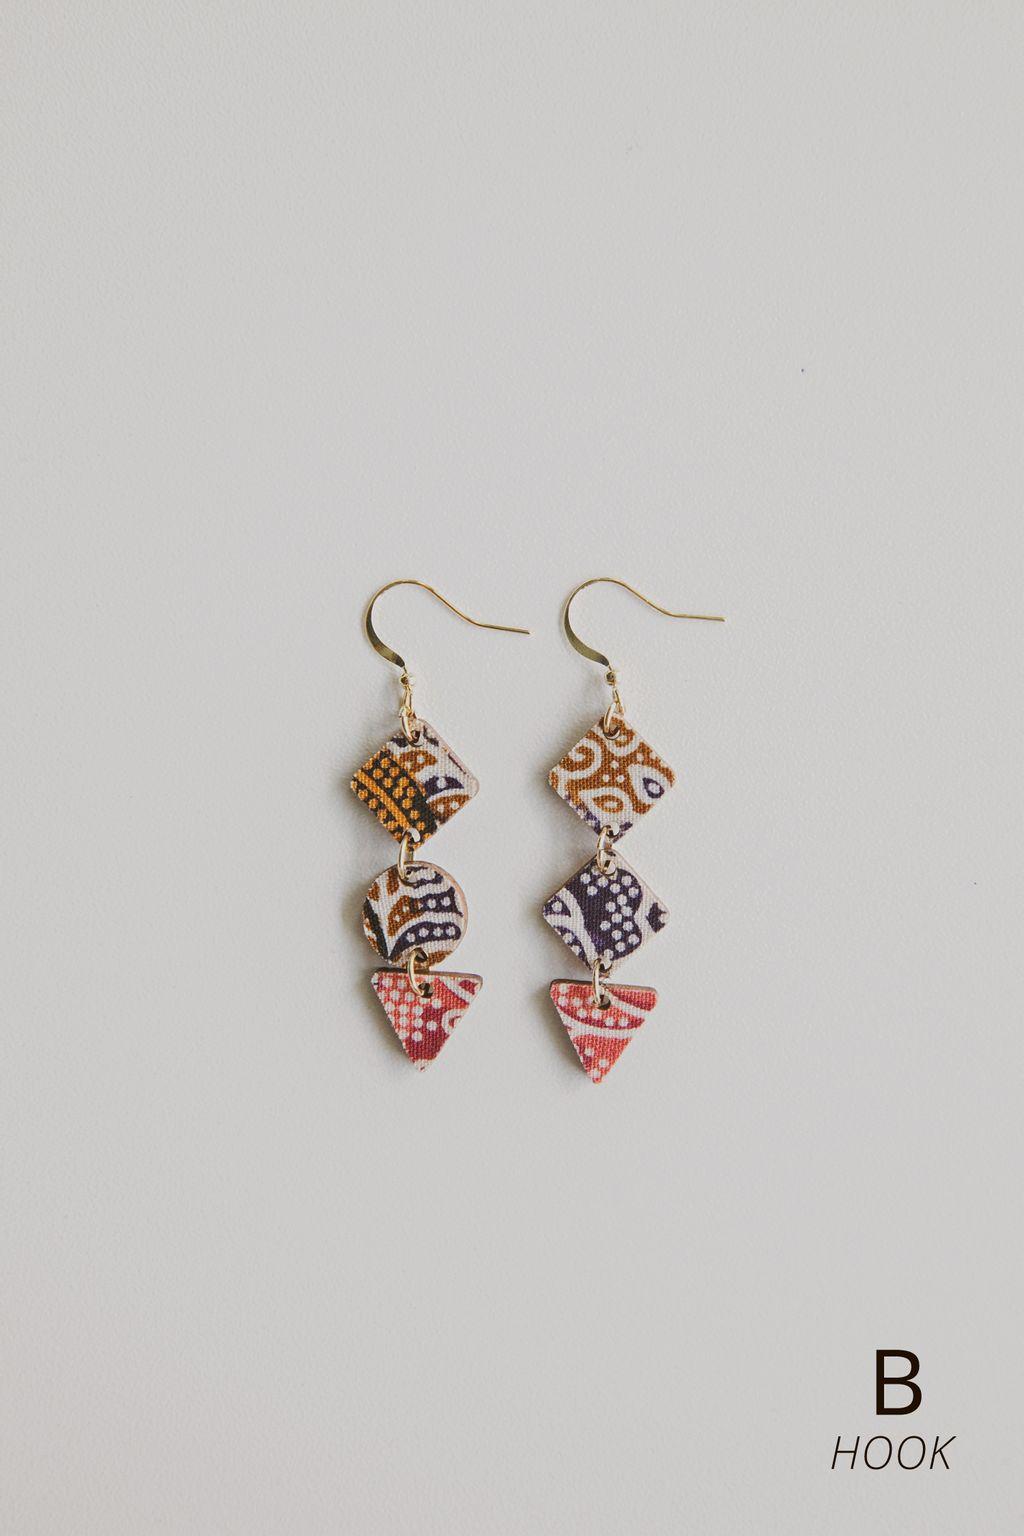 Niah+Co Batik Wooden Earrings -B Hook.jpg